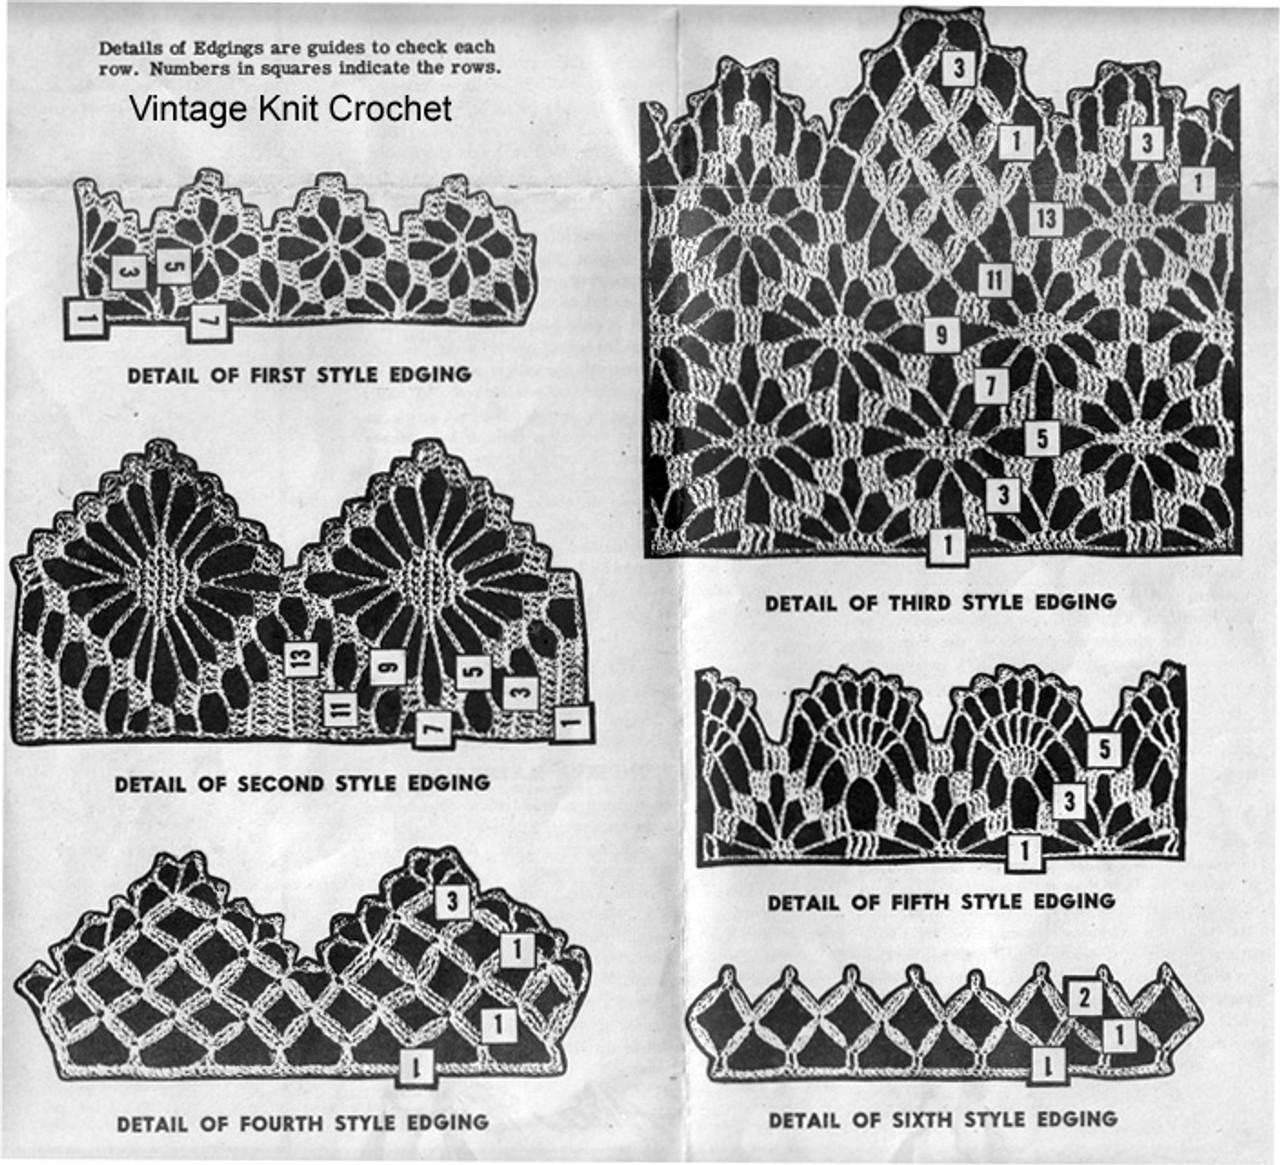 Crochet Edgings Illustration, Mail Order 3091